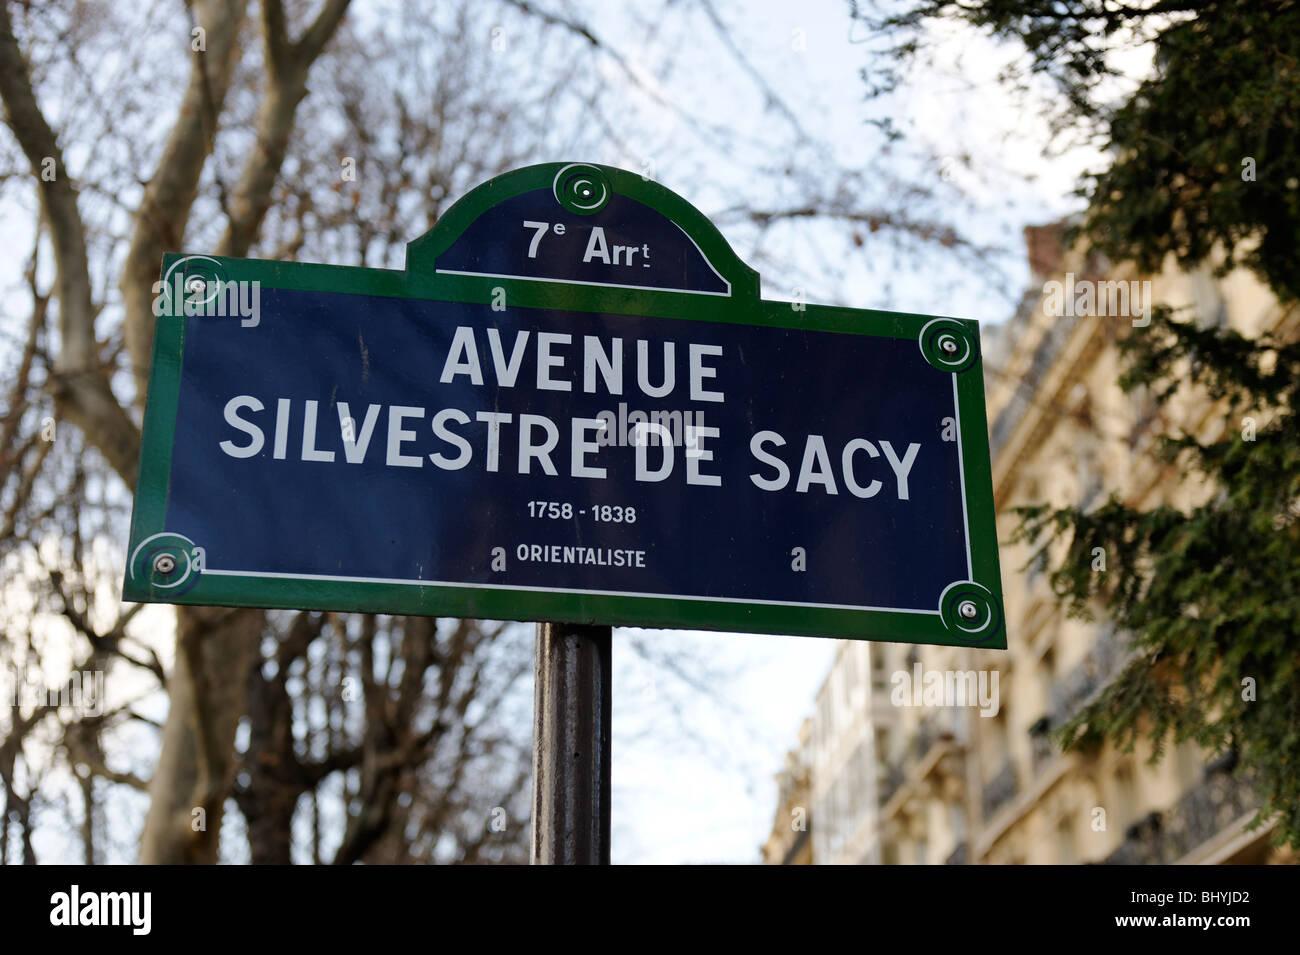 Street sign for Avenue Silvestre De Sacy, Orientaliste, in the 7th Arrondissement, paris Stock Photo